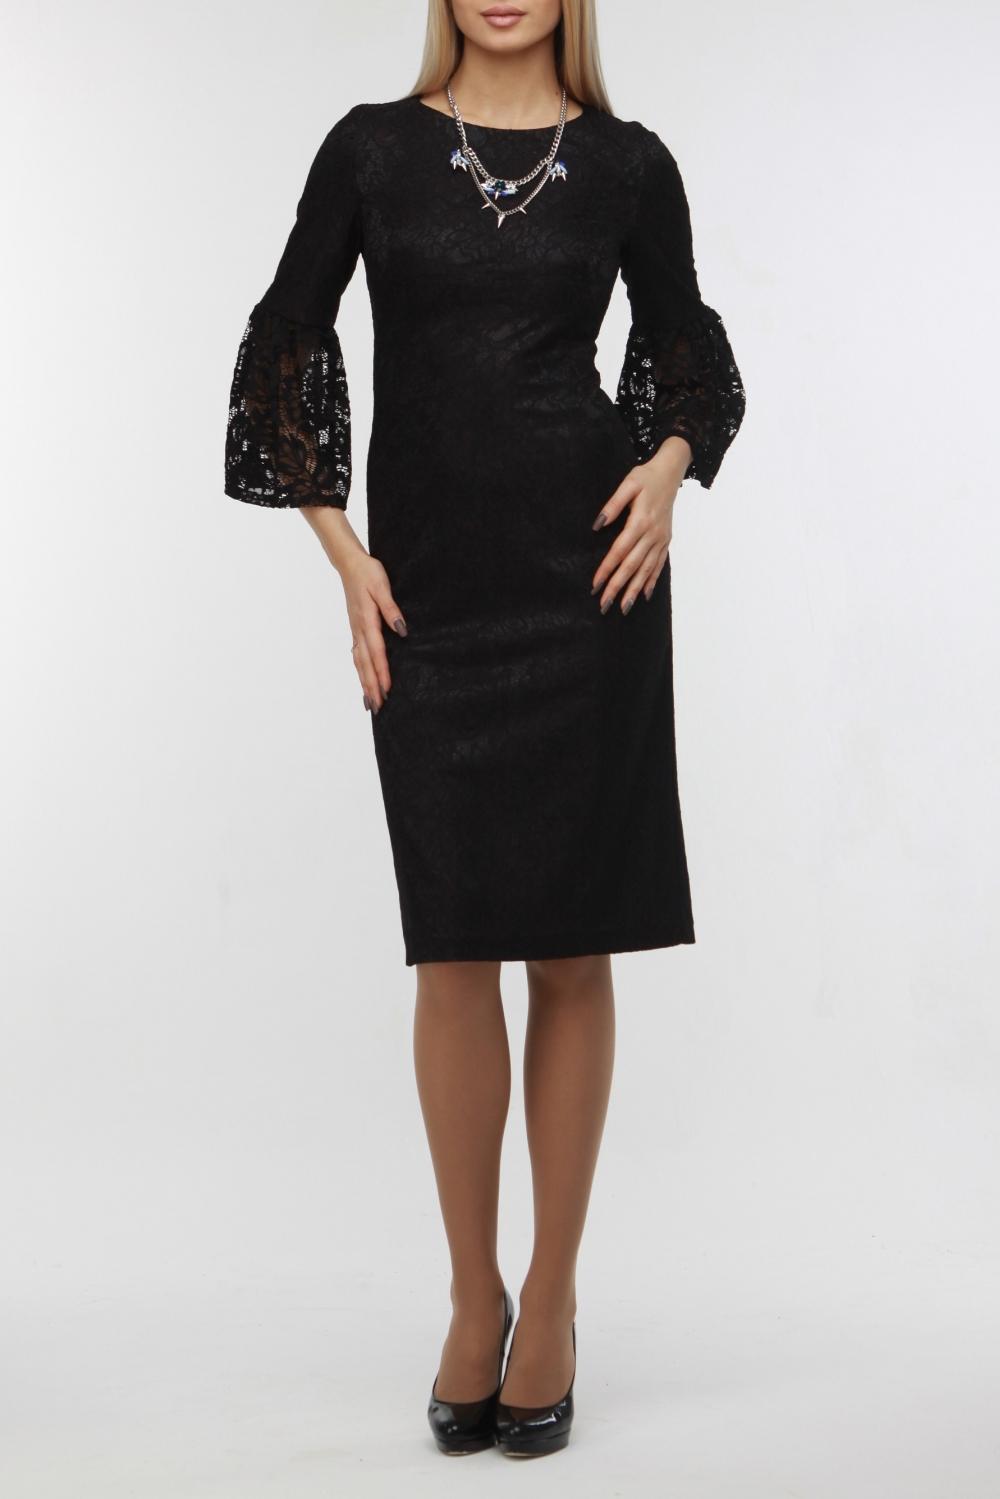 ПлатьеПлатья<br>Нарядное платье приталенного силуэта с интересными рукавами. Модель выполнена из гладкого атласа и ажурного гипюра. Отличный выбор для любого торжества.  В изделии использованы цвета: черный  Рост девушки-фотомодели 178 см<br><br>Горловина: С- горловина<br>По длине: Ниже колена<br>По материалу: Атлас,Гипюр<br>По рисунку: Однотонные<br>По сезону: Весна,Зима,Лето,Осень,Всесезон<br>По силуэту: Приталенные<br>По стилю: Нарядный стиль<br>По форме: Платье - футляр<br>По элементам: С разрезом<br>Разрез: Короткий,Шлица<br>Рукав: Рукав три четверти<br>Размер : 46,54<br>Материал: Атлас + Гипюр<br>Количество в наличии: 2